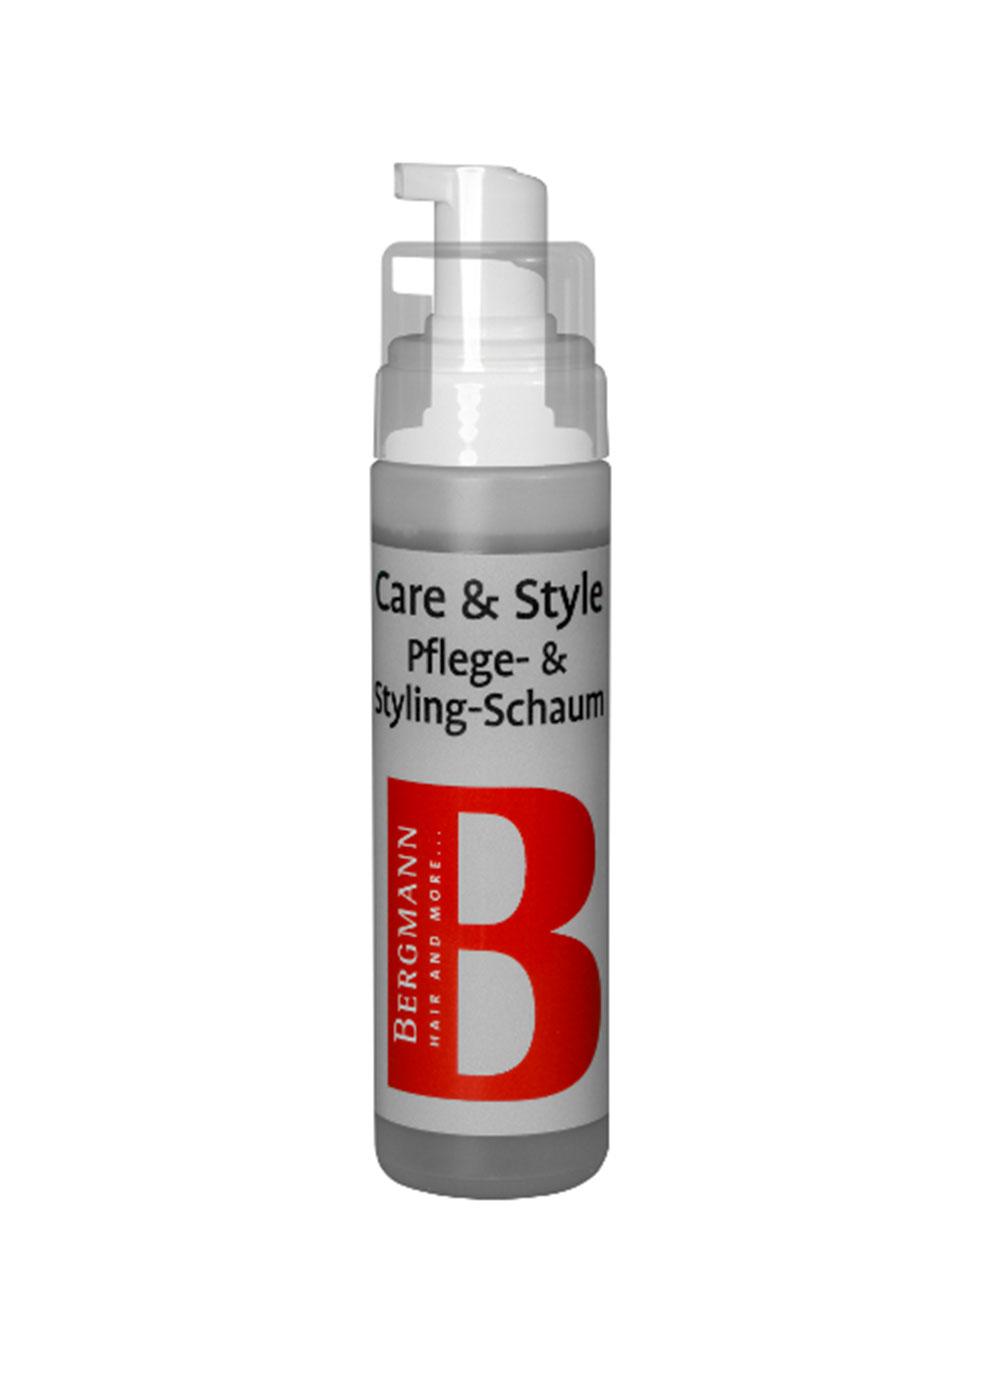 Bergmann Zubehör - Care & Style Pflege & Styling Schaum 200ml